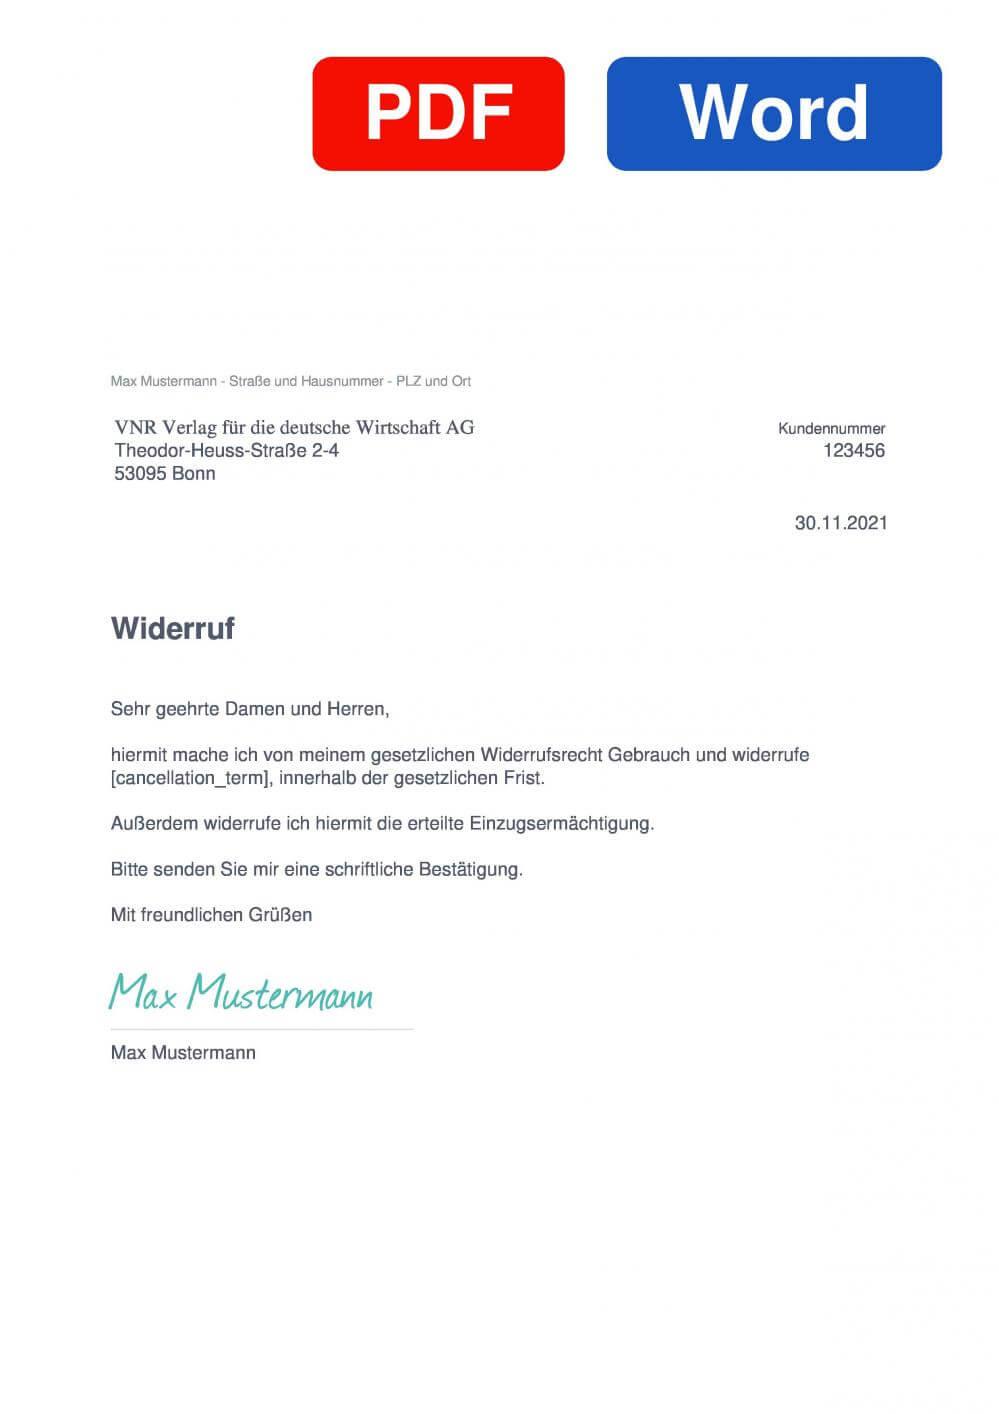 VNR Verlag für die Deutsche Wirtschaft Muster Vorlage für Wiederrufsschreiben